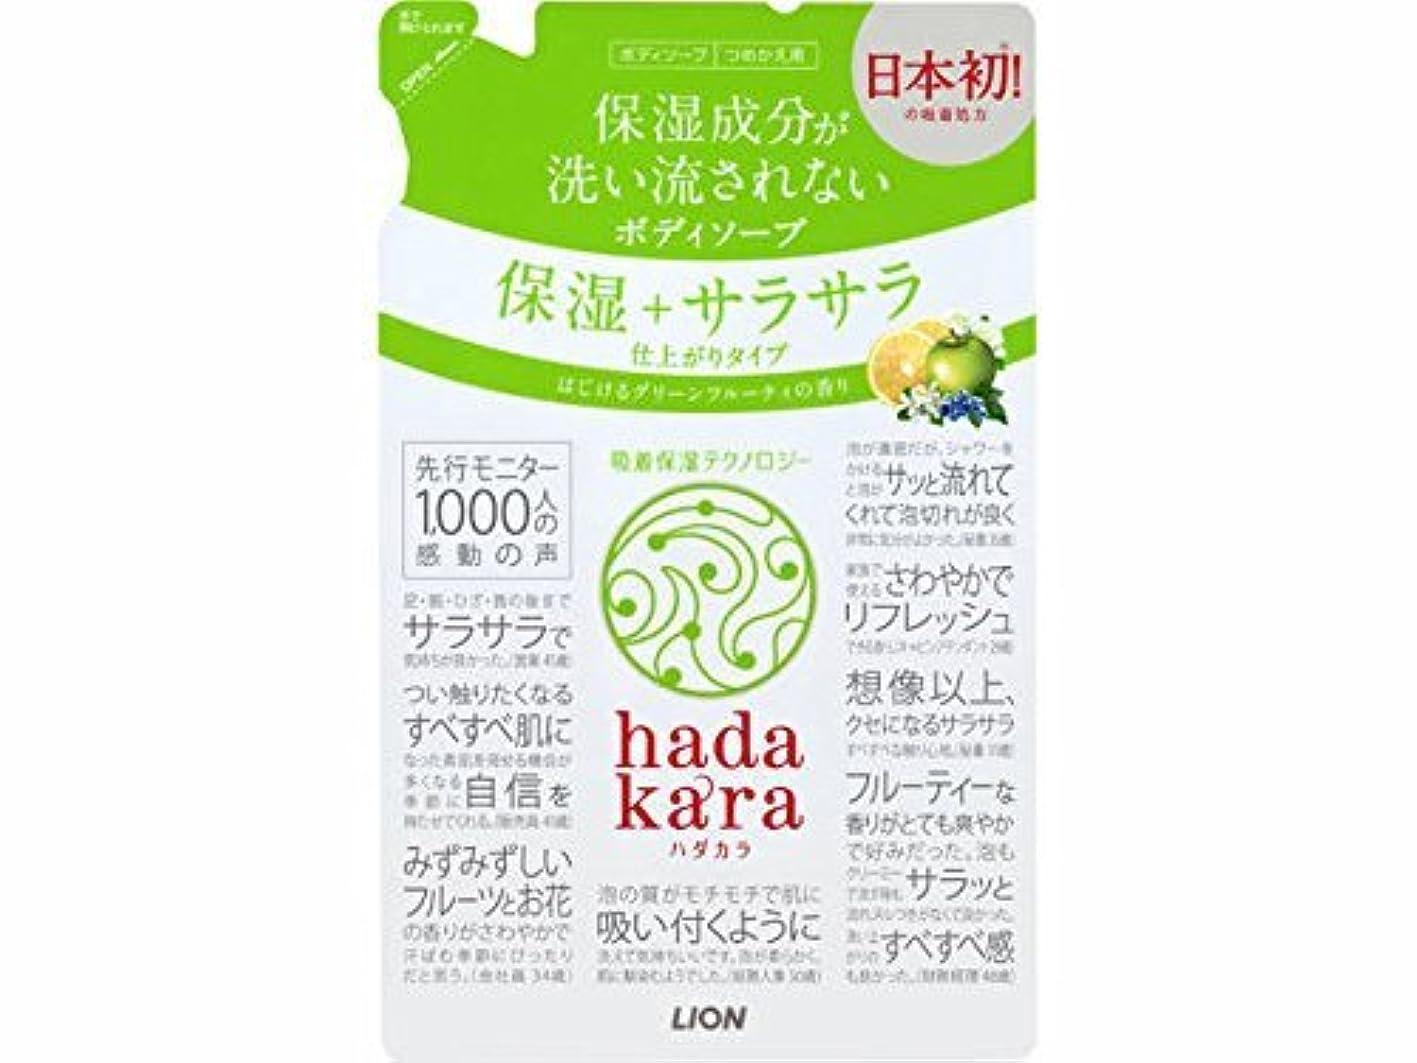 支援知り合いになる帽子ライオン hadakara(ハダカラ)ボディソープ 保湿+サラサラ仕上がりタイプ グリーンフルーティの香り つめかえ用